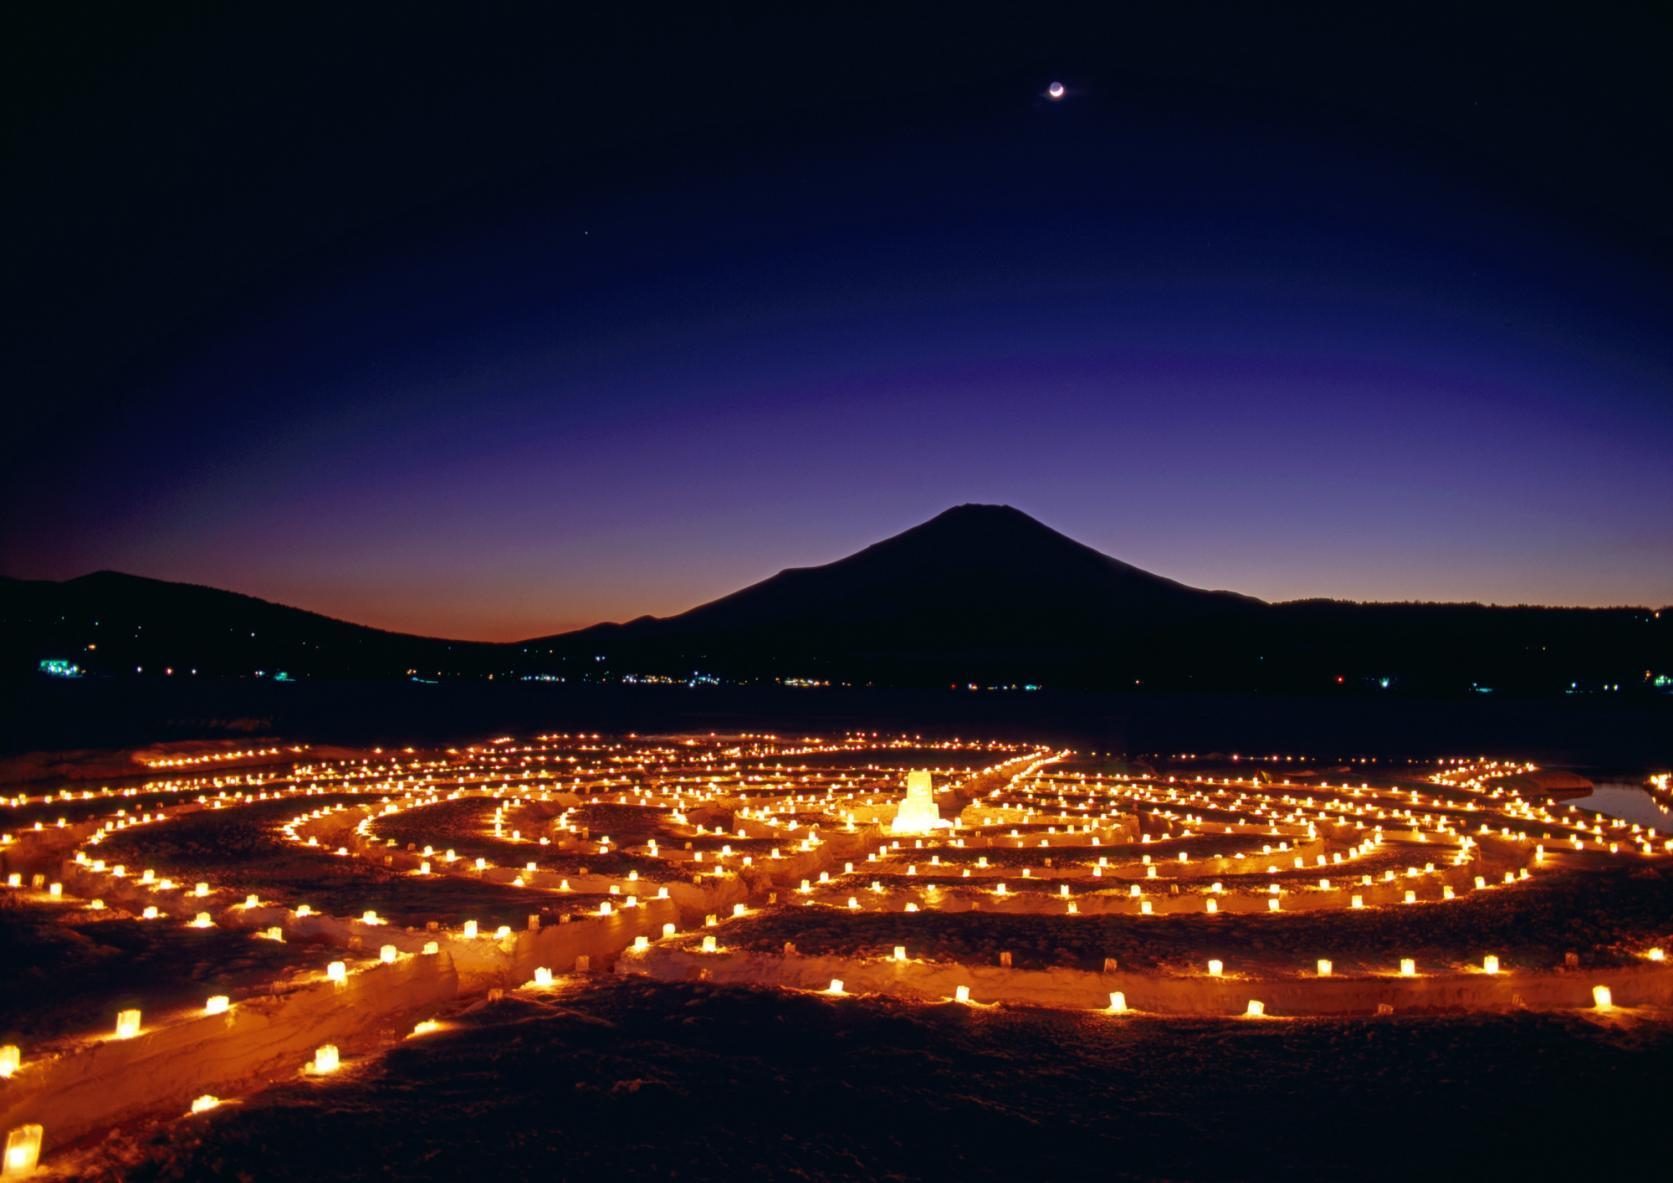 冬の夜空に煌めく 山中湖アイスキャンドルフェスティバル